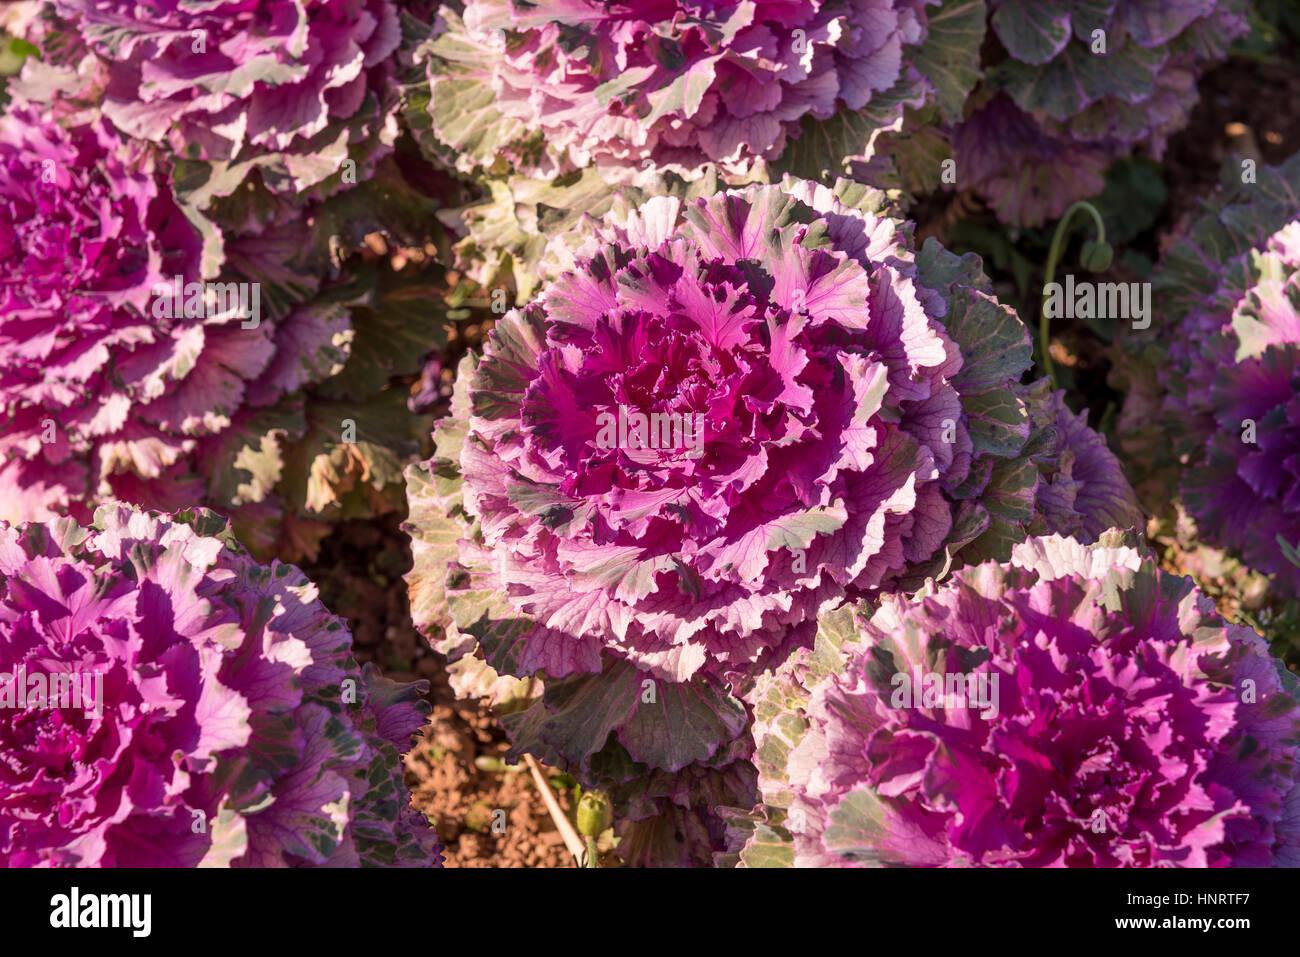 Ornamental Kale Flowering Stock Photos Ornamental Kale Flowering